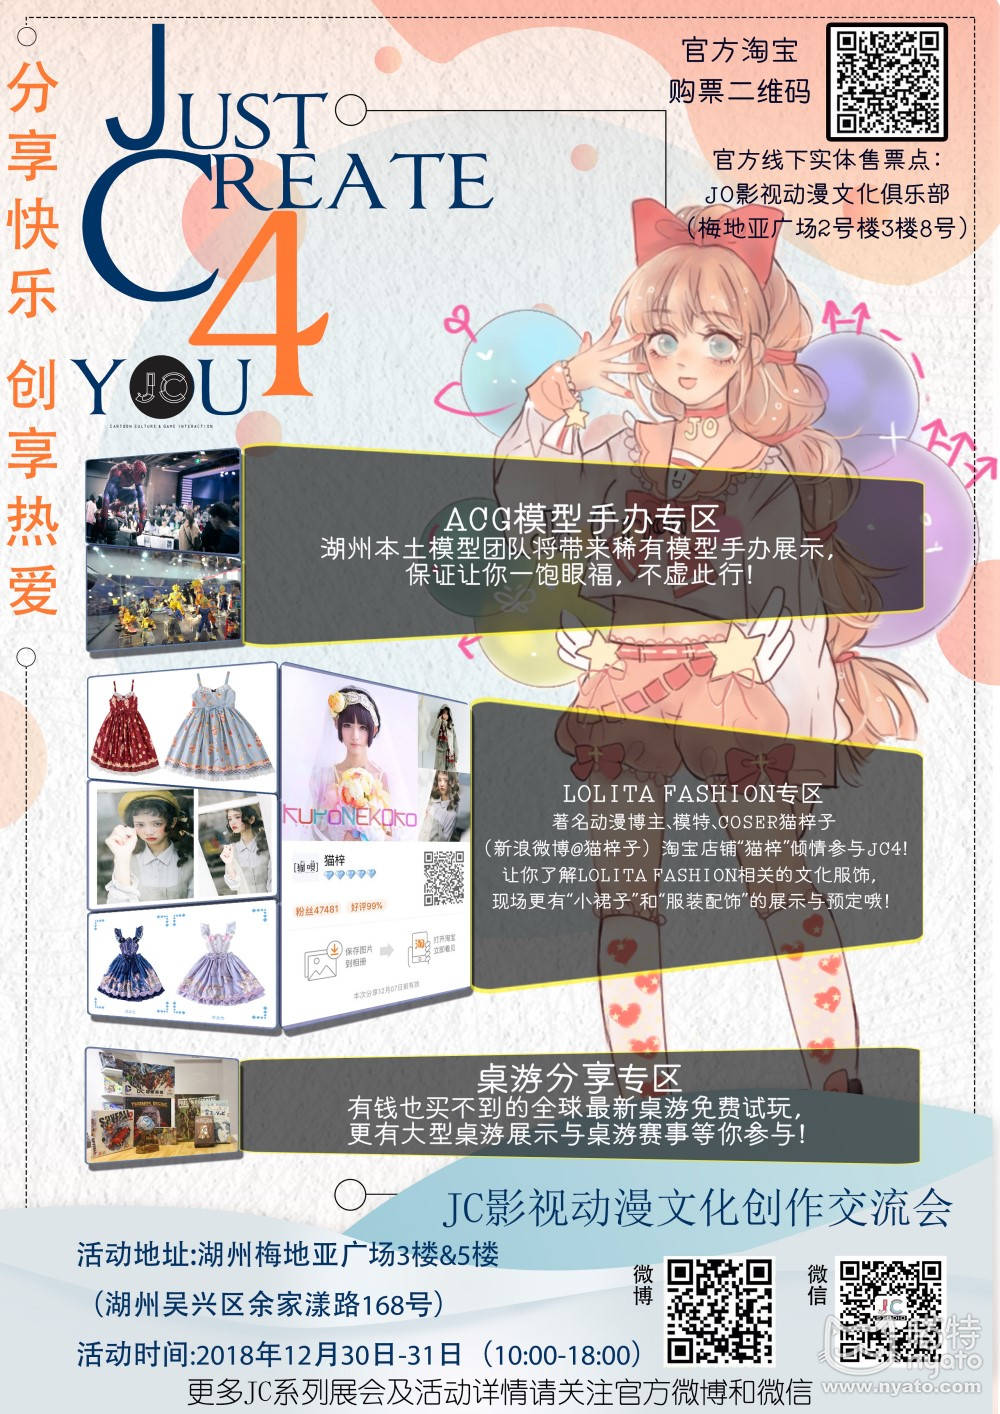 【湖州JC4】桌游,小裙子,模型专区.jpg